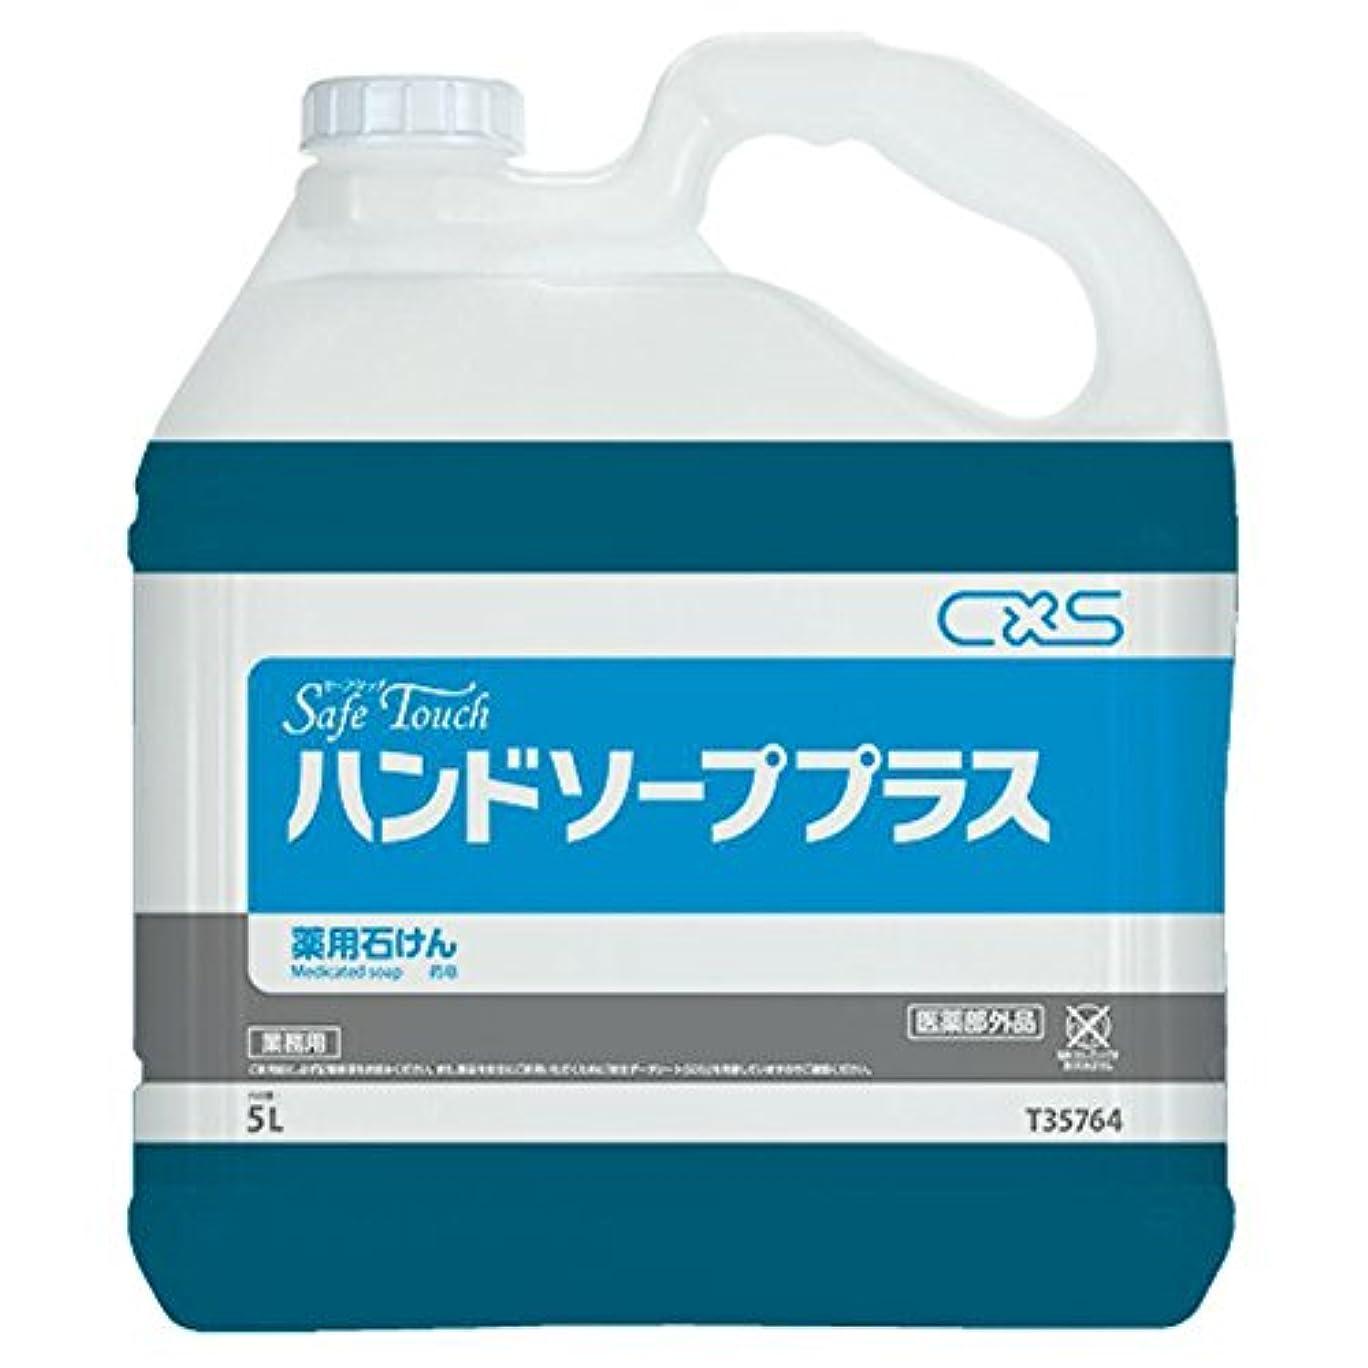 反対に寓話年次シーバイエス(C×S) 手洗い用石鹸 セーフタッチハンドソーププラス 5L